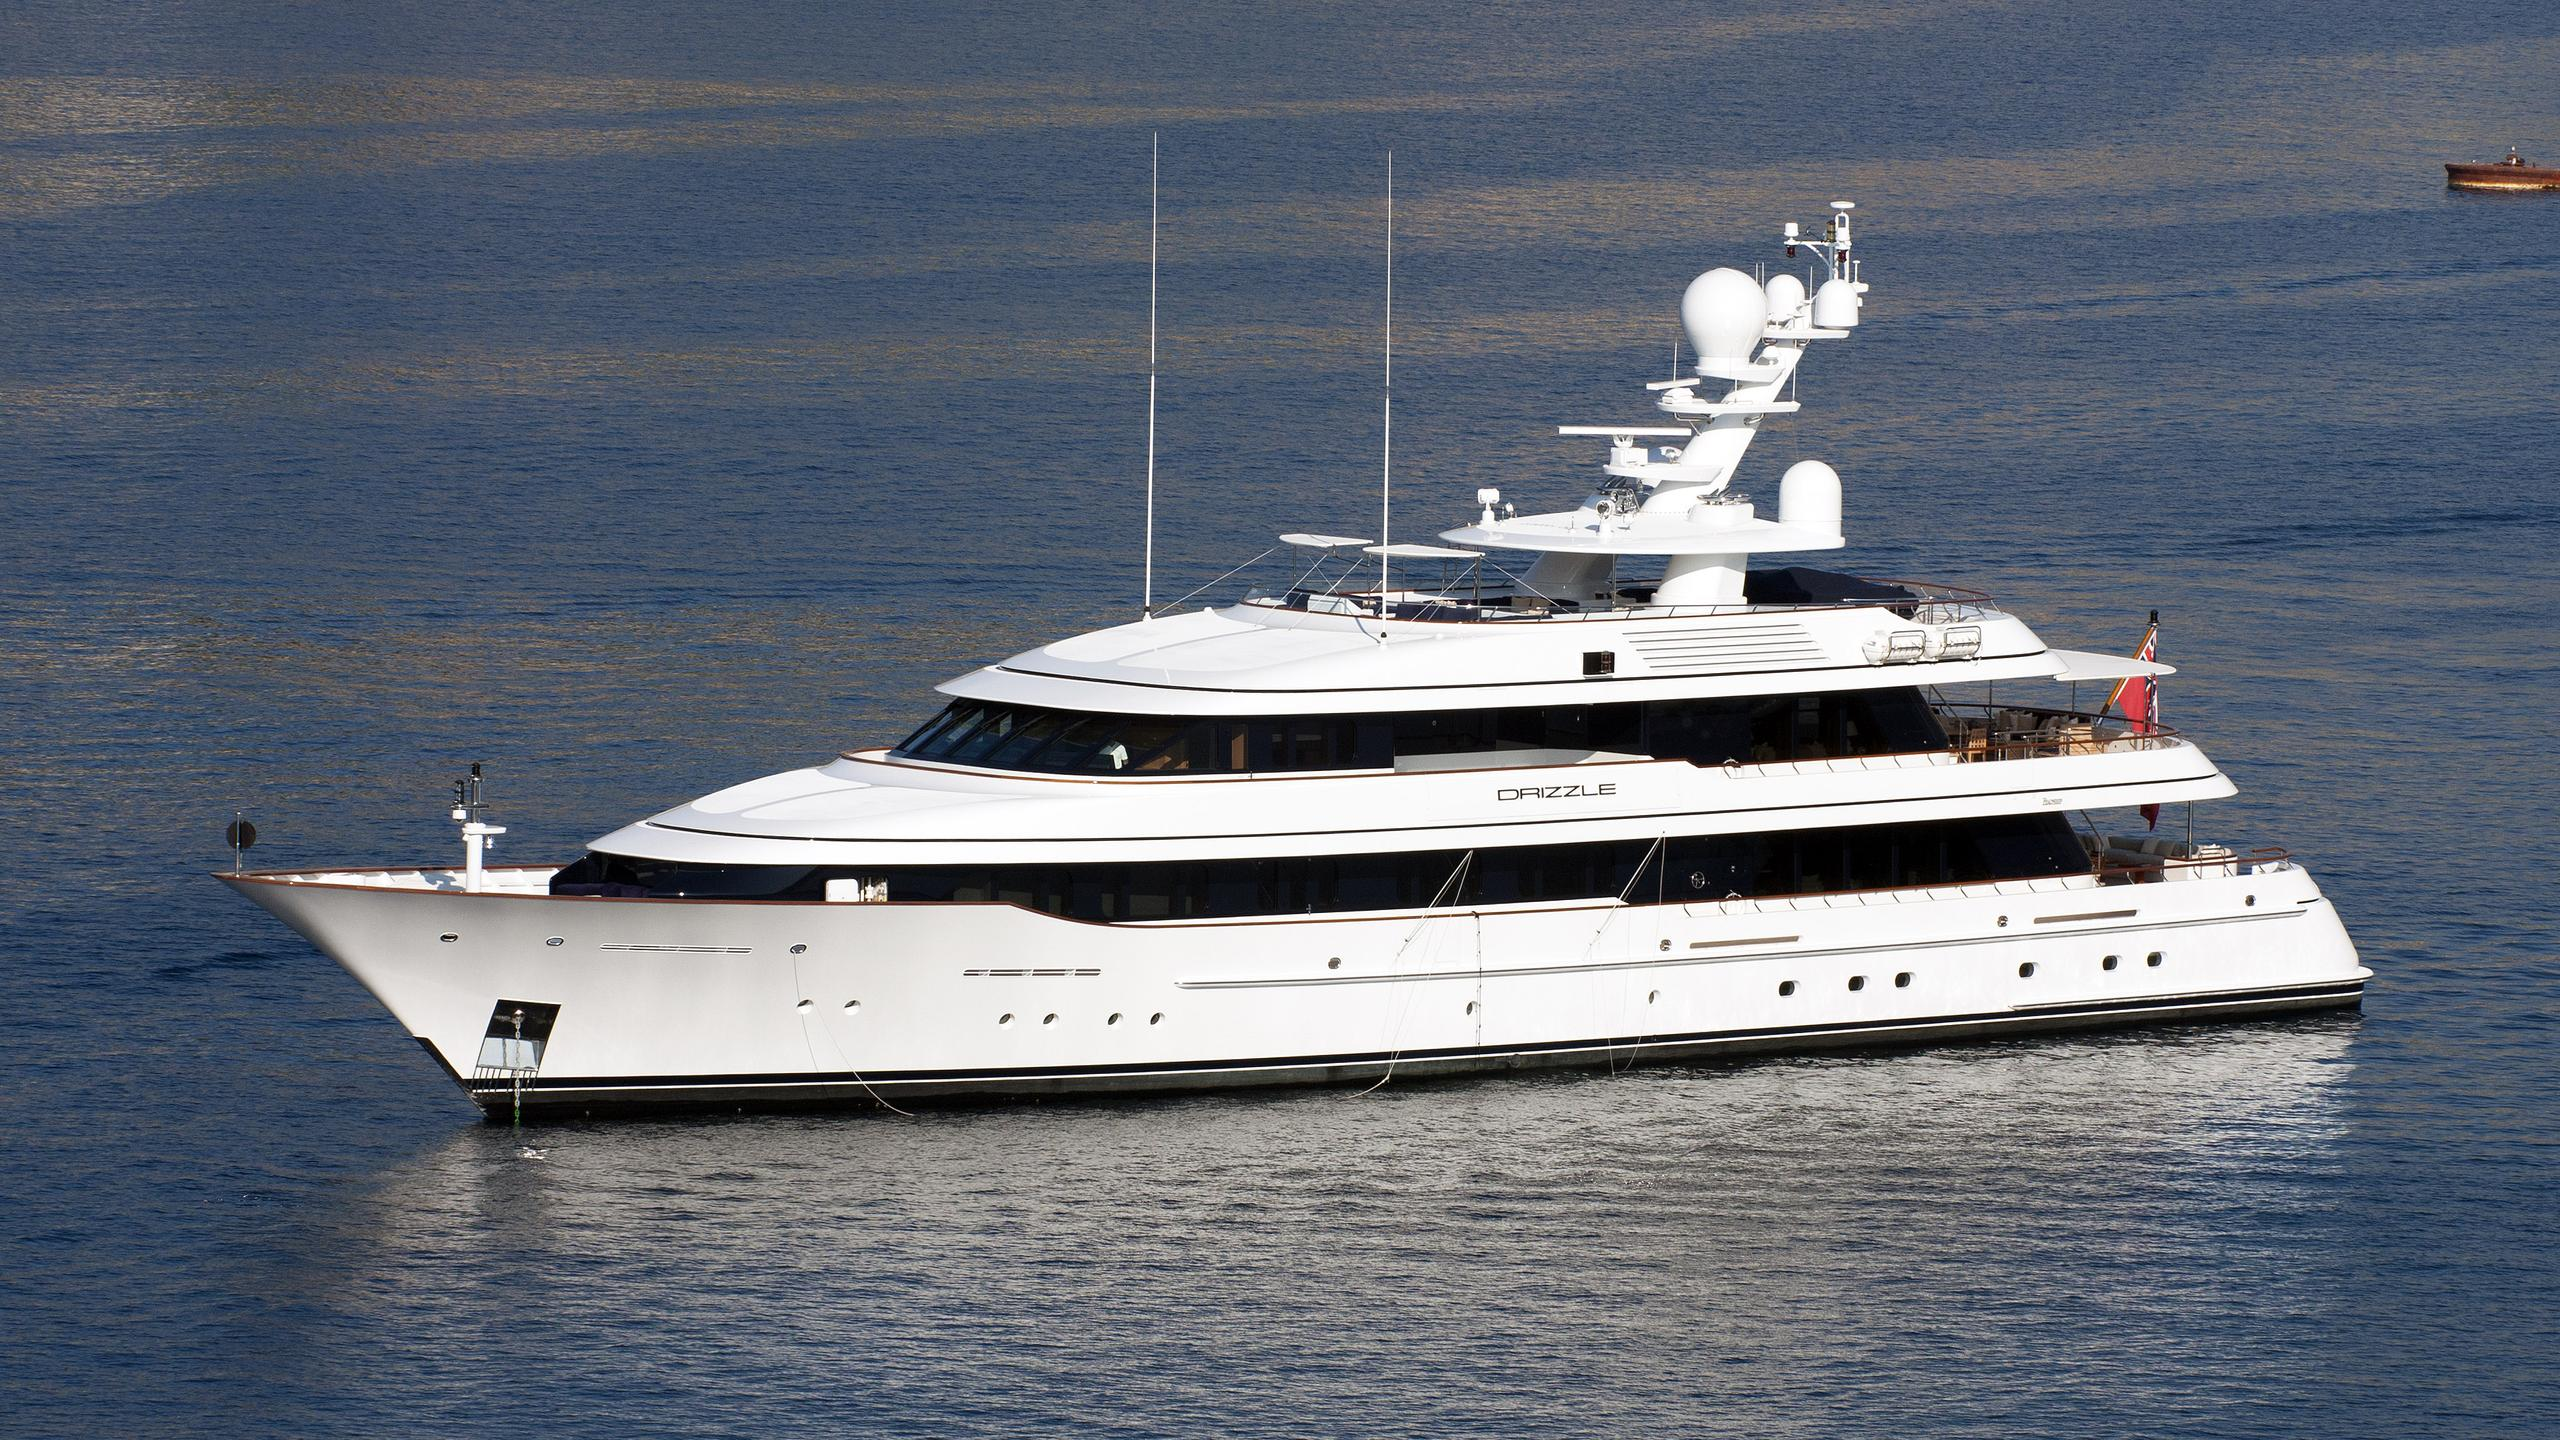 cynthia madsummer motoryacht feadship 2005 55m profile